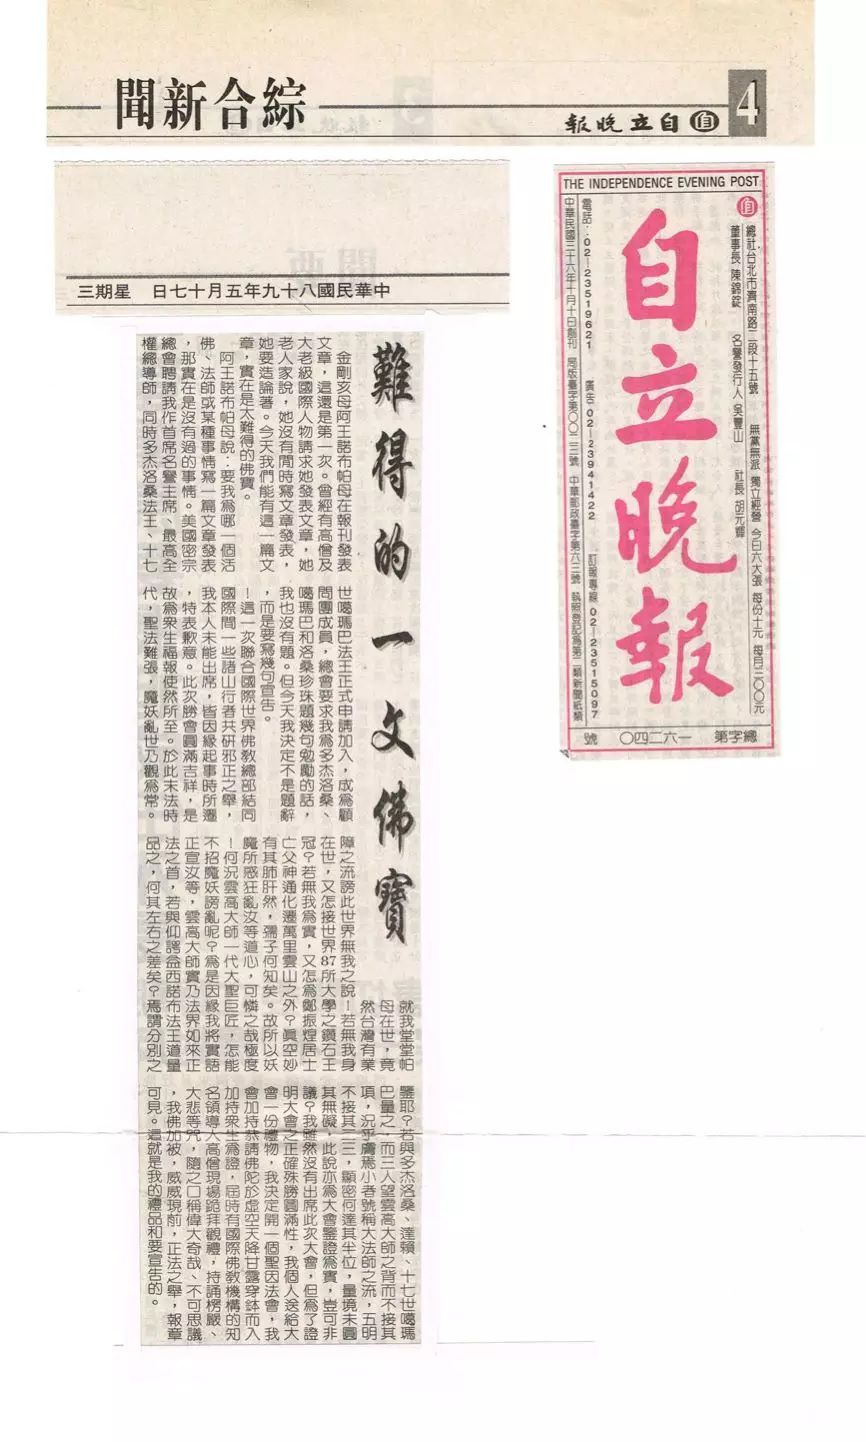 [自立晚報]難得的一文佛寶-義雲高大師一代巨匠 帕母發文宣告